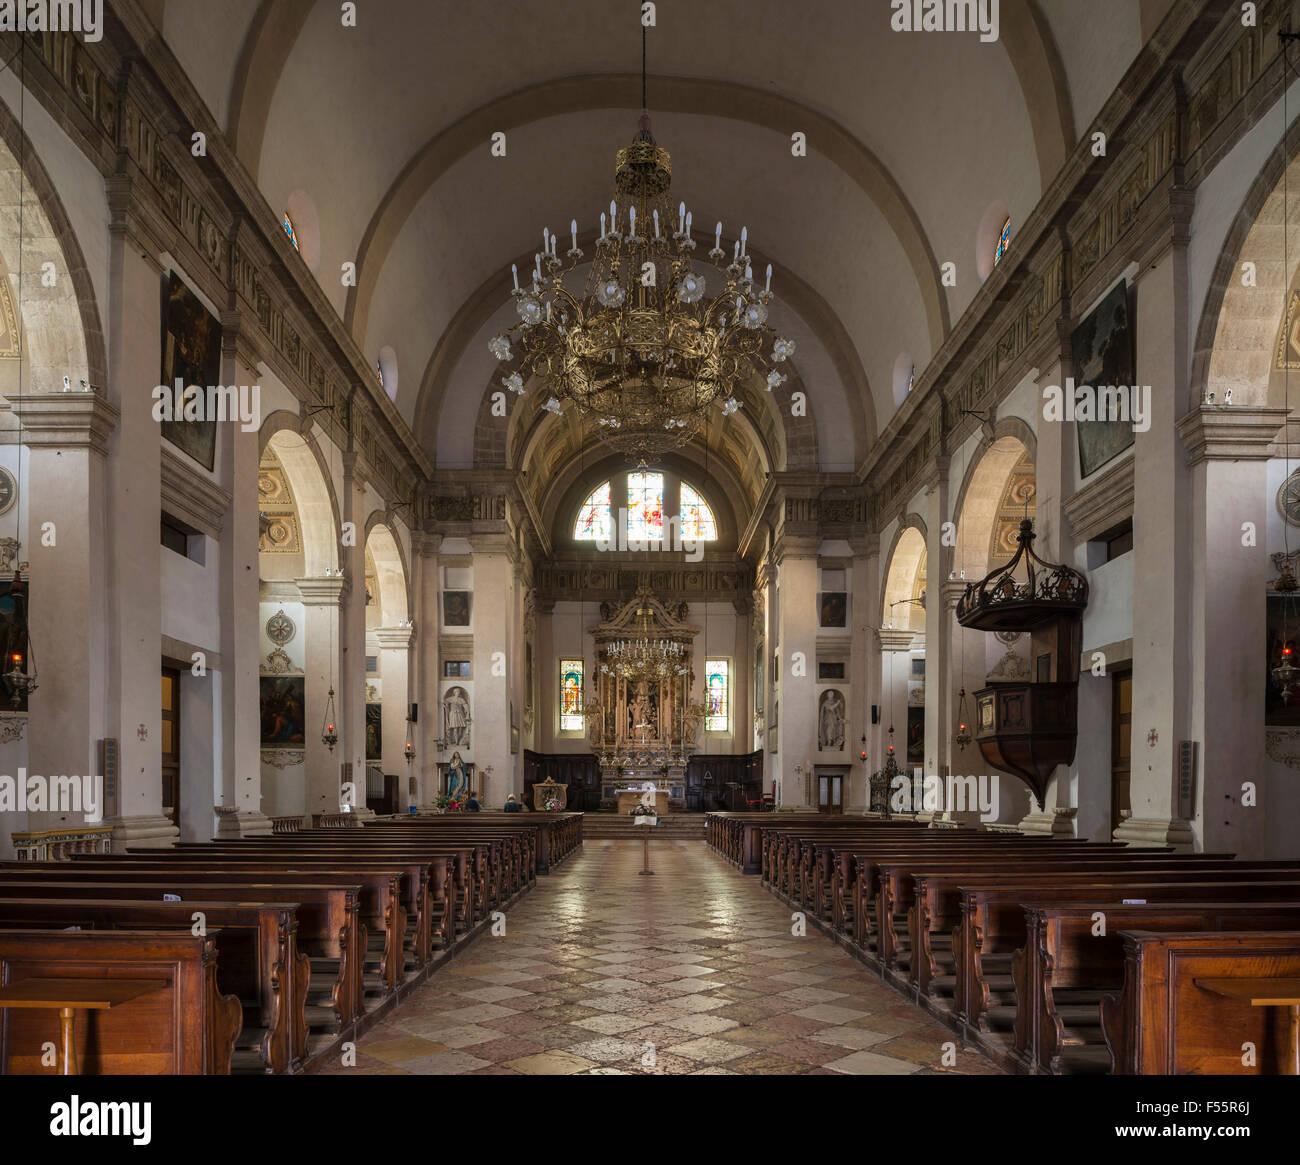 Chiesa di Santa Maria Assunta di Arco, interno, Arco, Trentino-Alto Adige, Alto Adige, Italia Immagini Stock